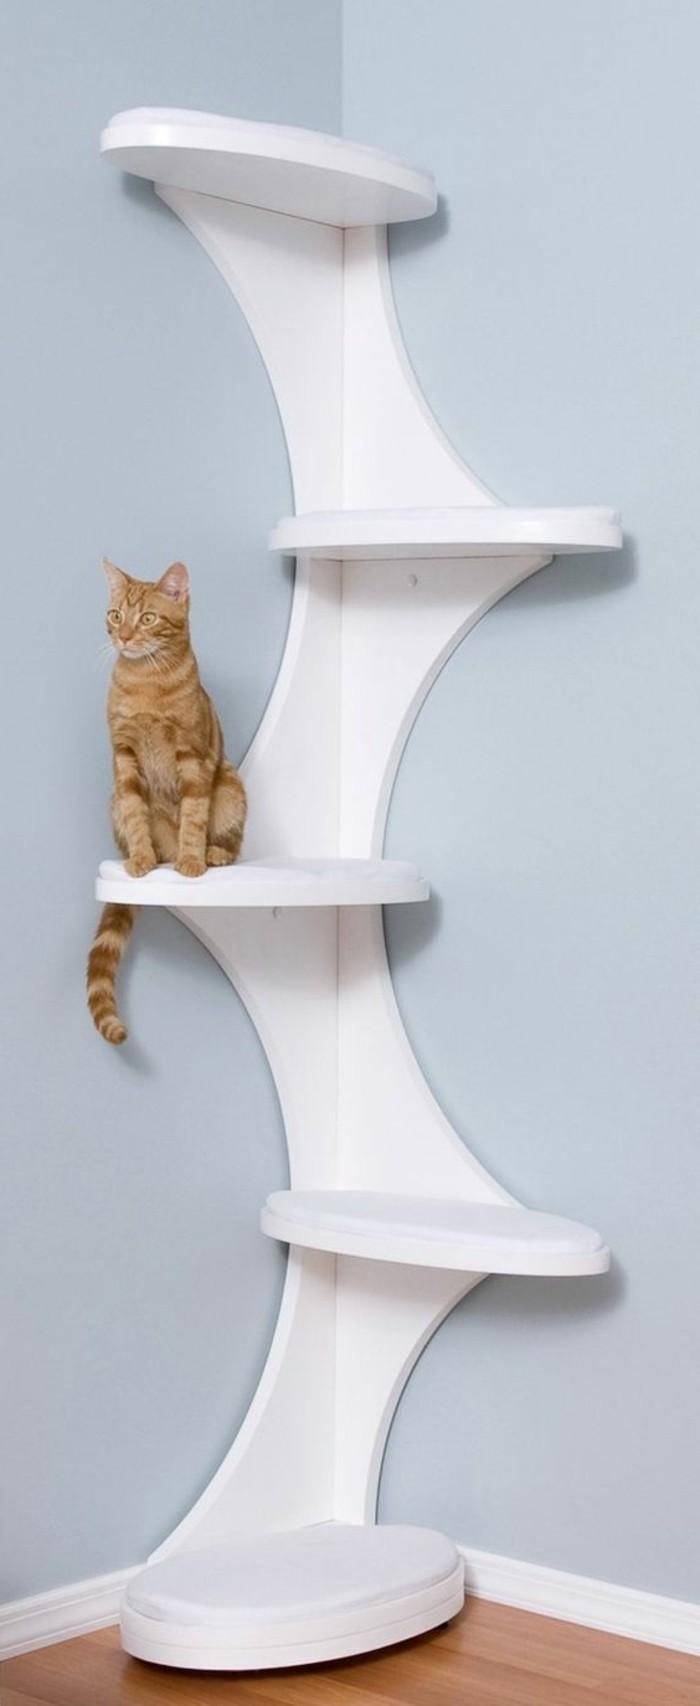 arbre-a-chat-mural-desgin-original-jouets-pour-chats